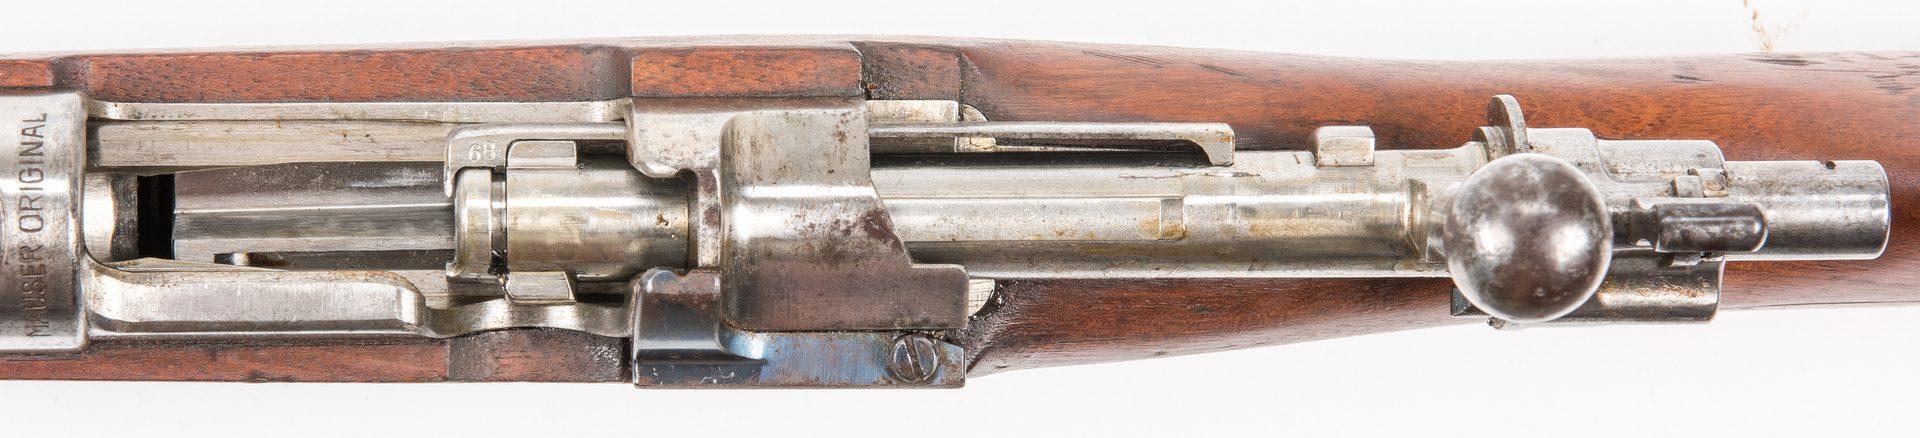 Lot 833: Peruvian Model 1909 Mauser Bolt Action rifle, 7.65×53 Cal.